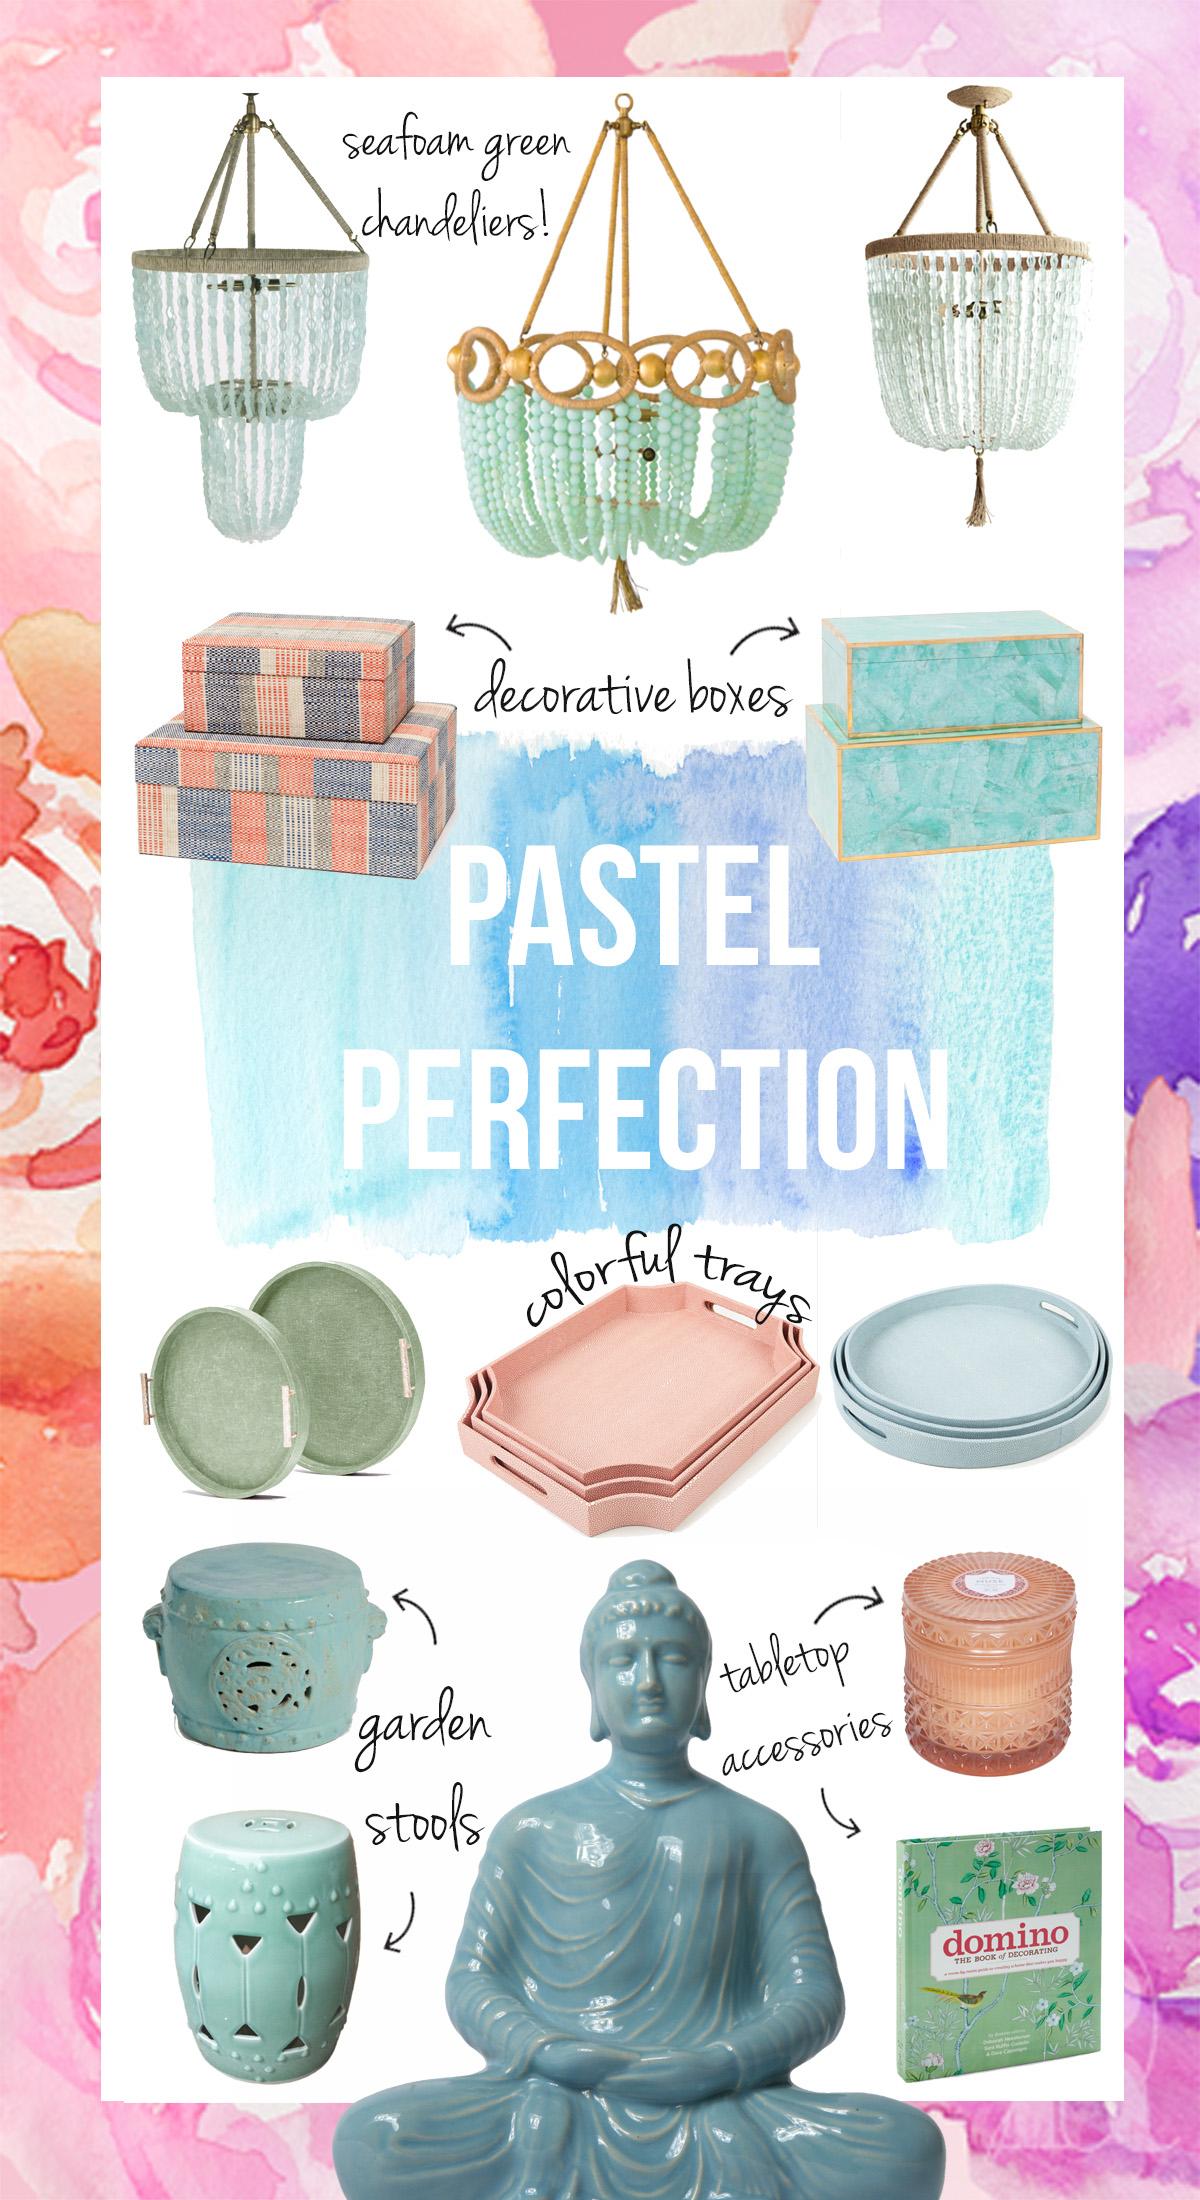 PastelPerfection